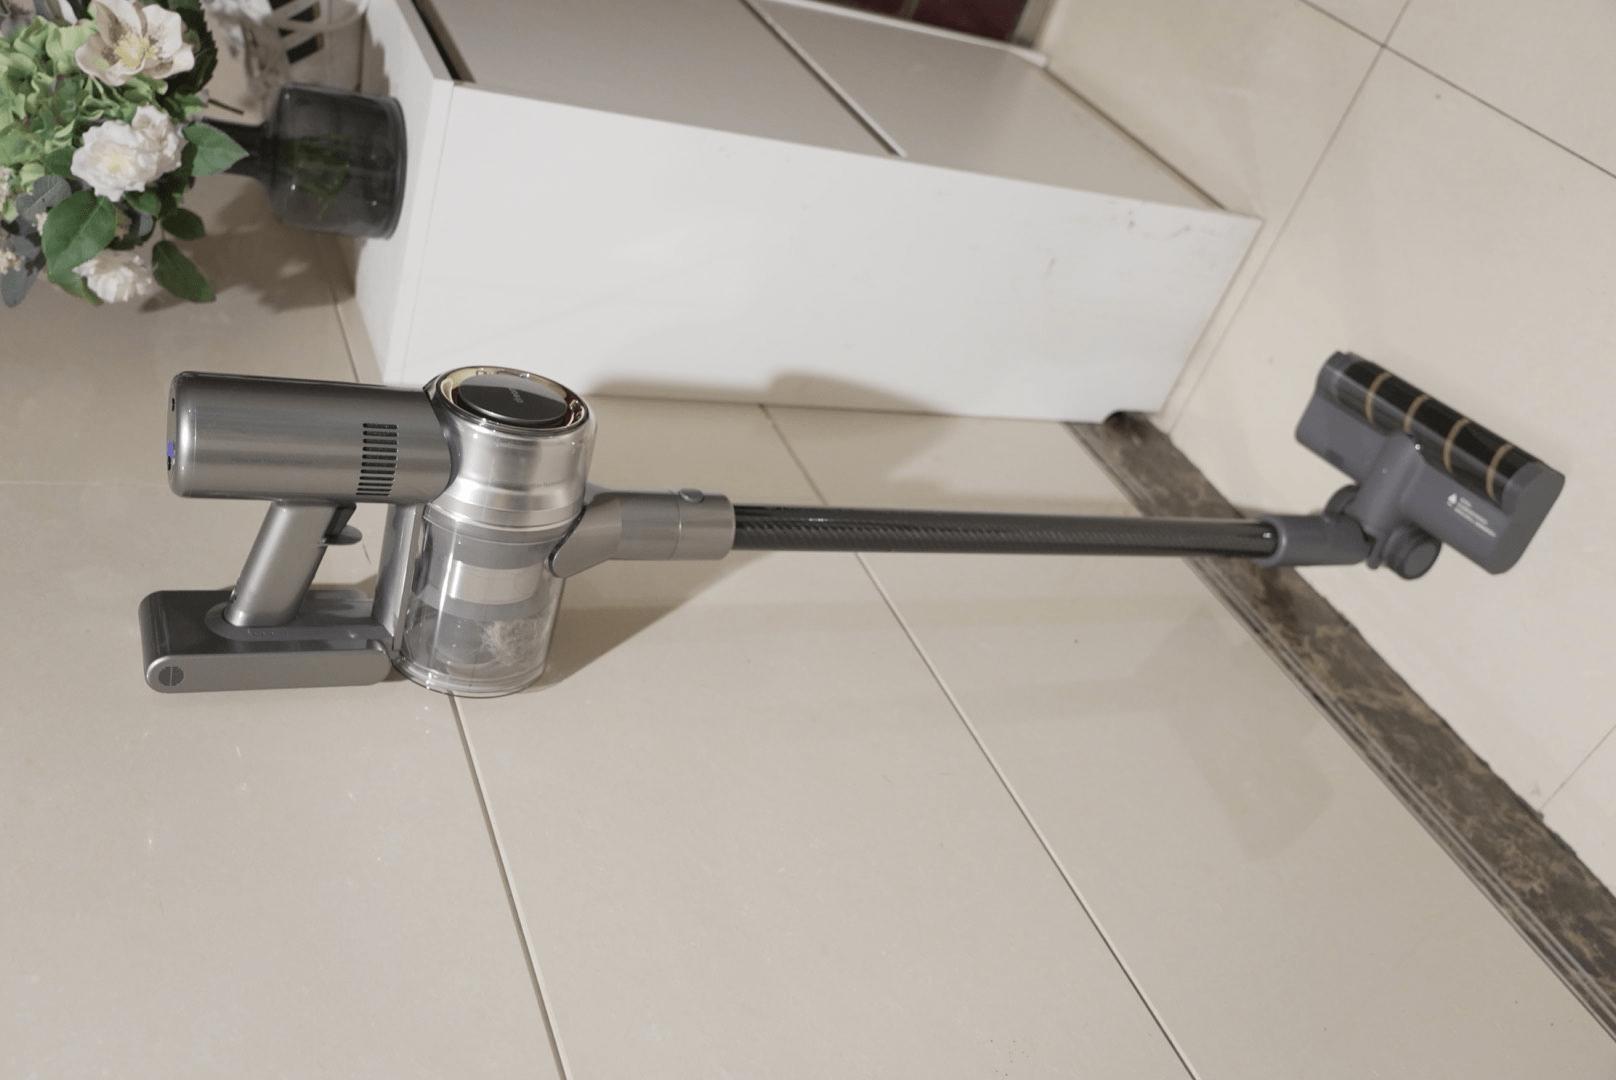 轻松搞定家里各种卫生需求,追觅无线吸尘器 V16很强悍